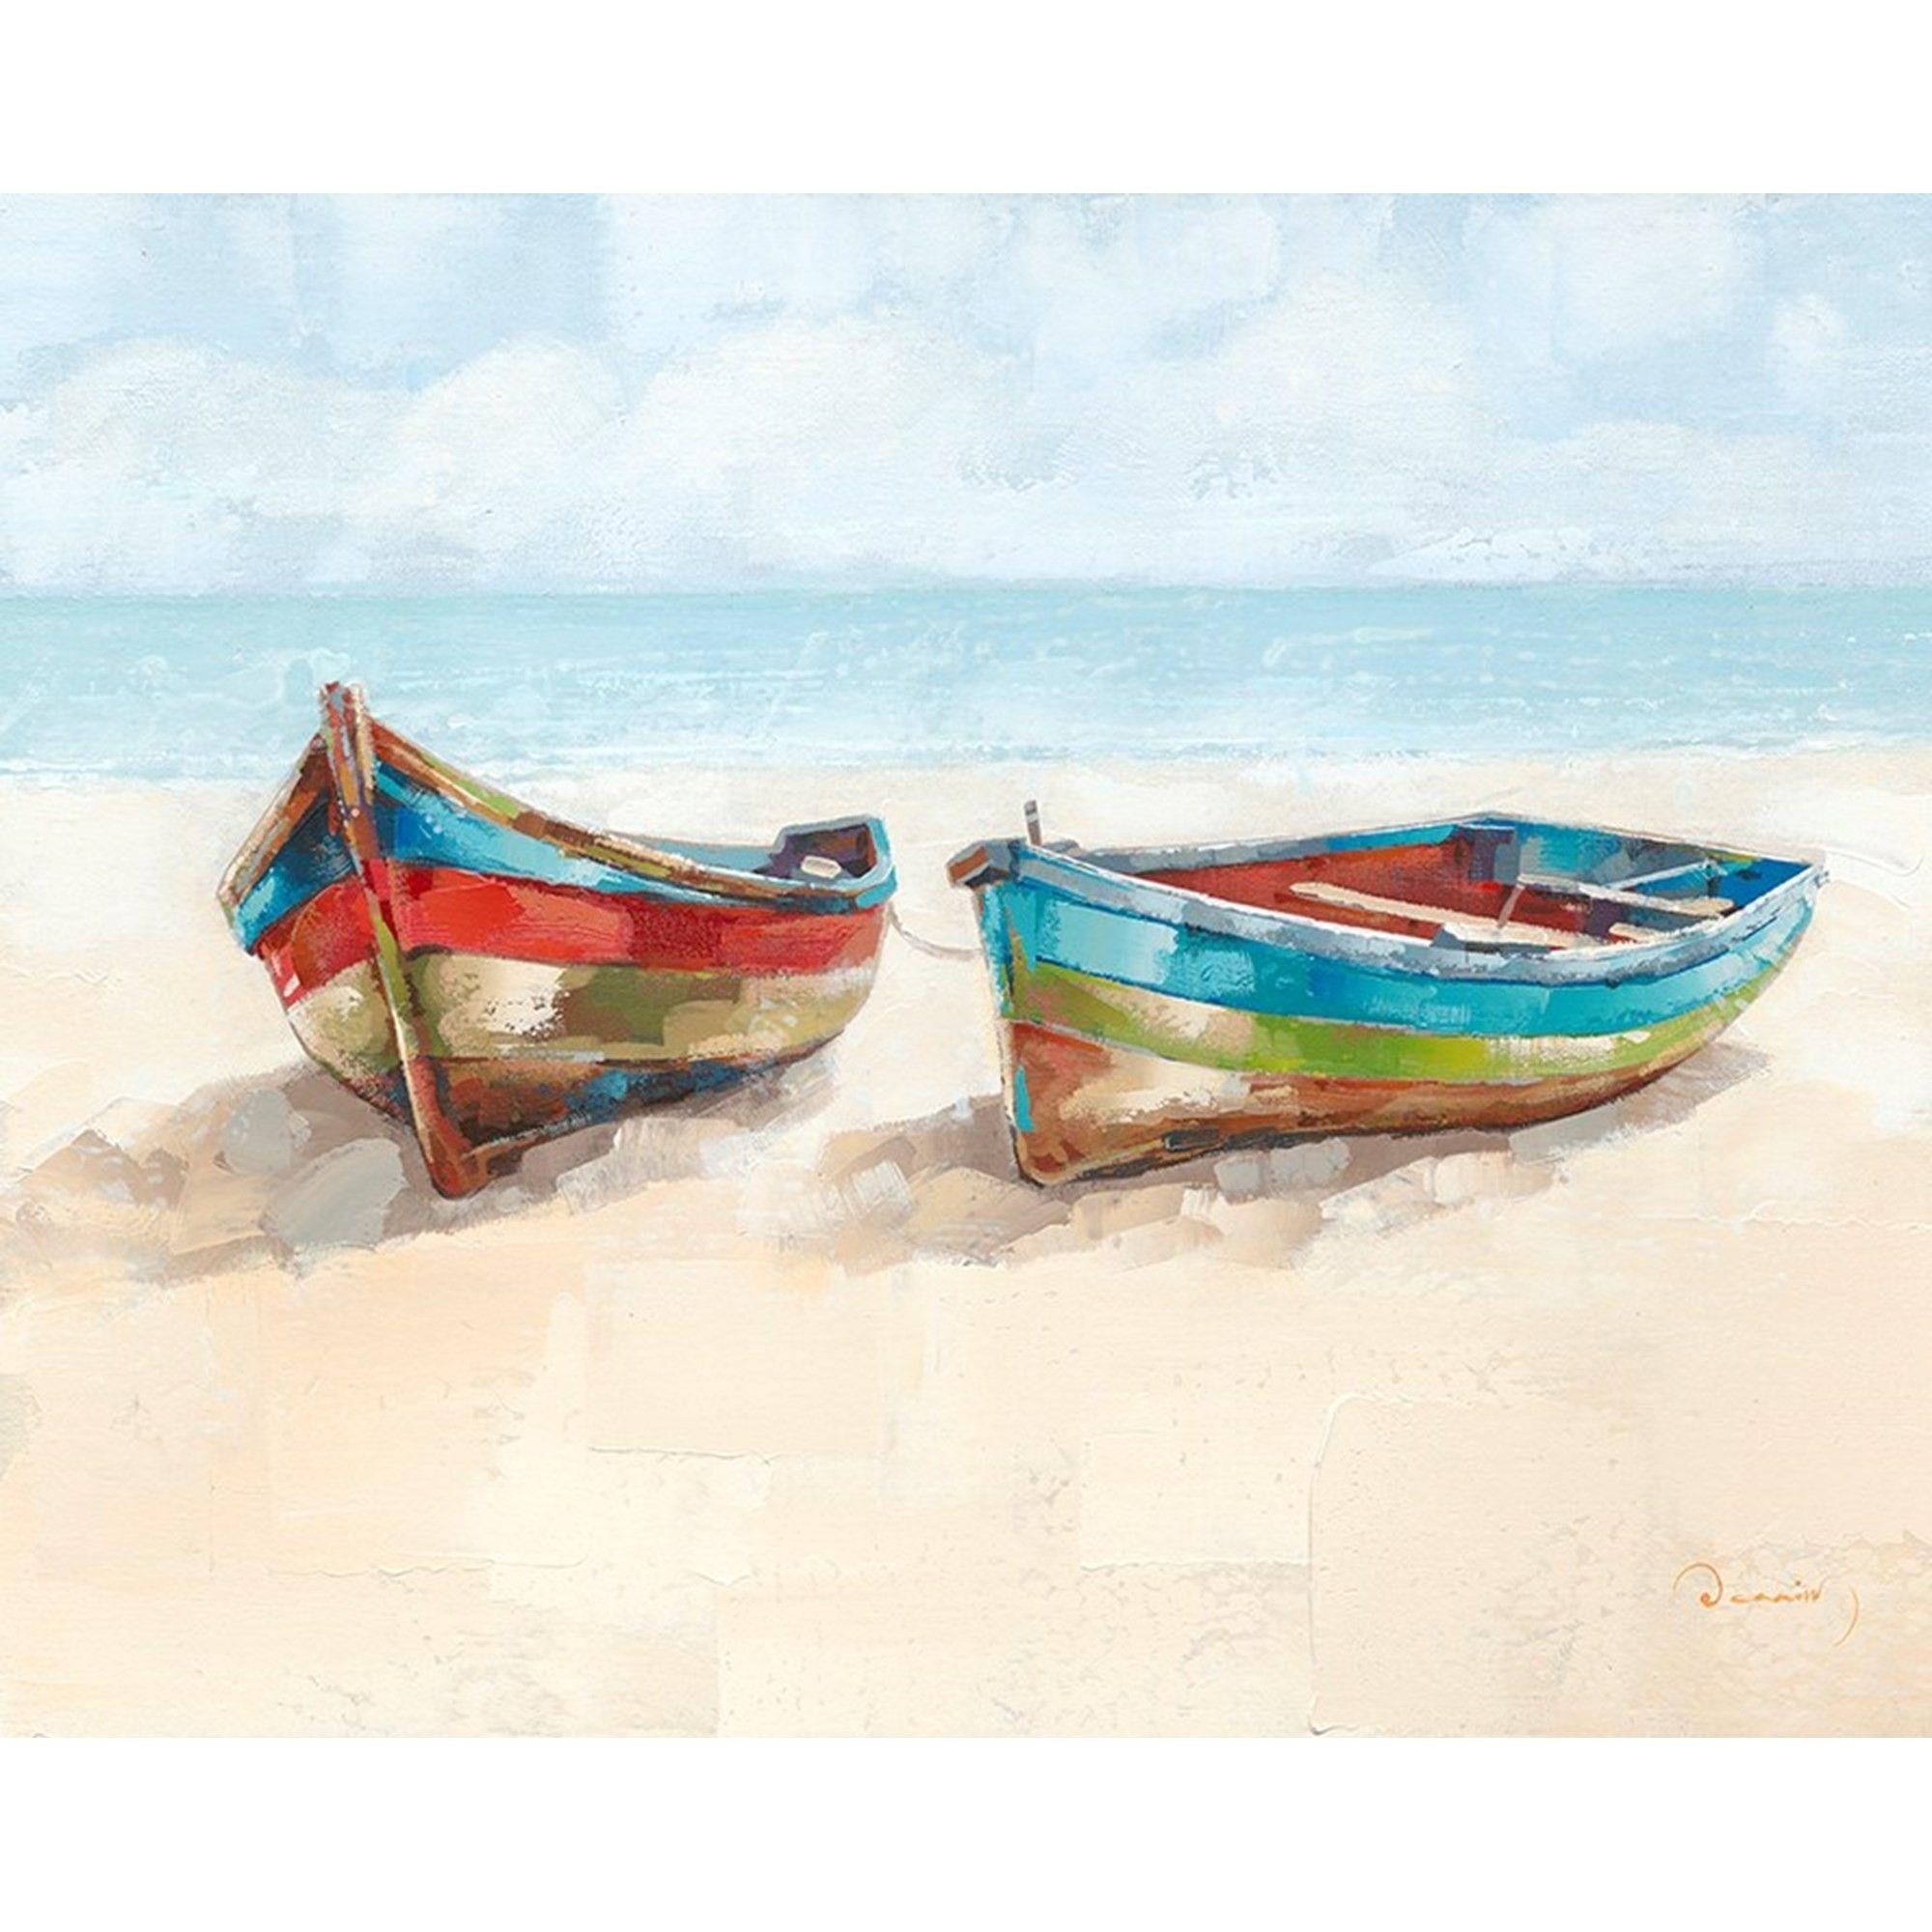 Peinture l 39 huile avec image d 39 un bateau huile en 2019 - Dessin d un bateau ...